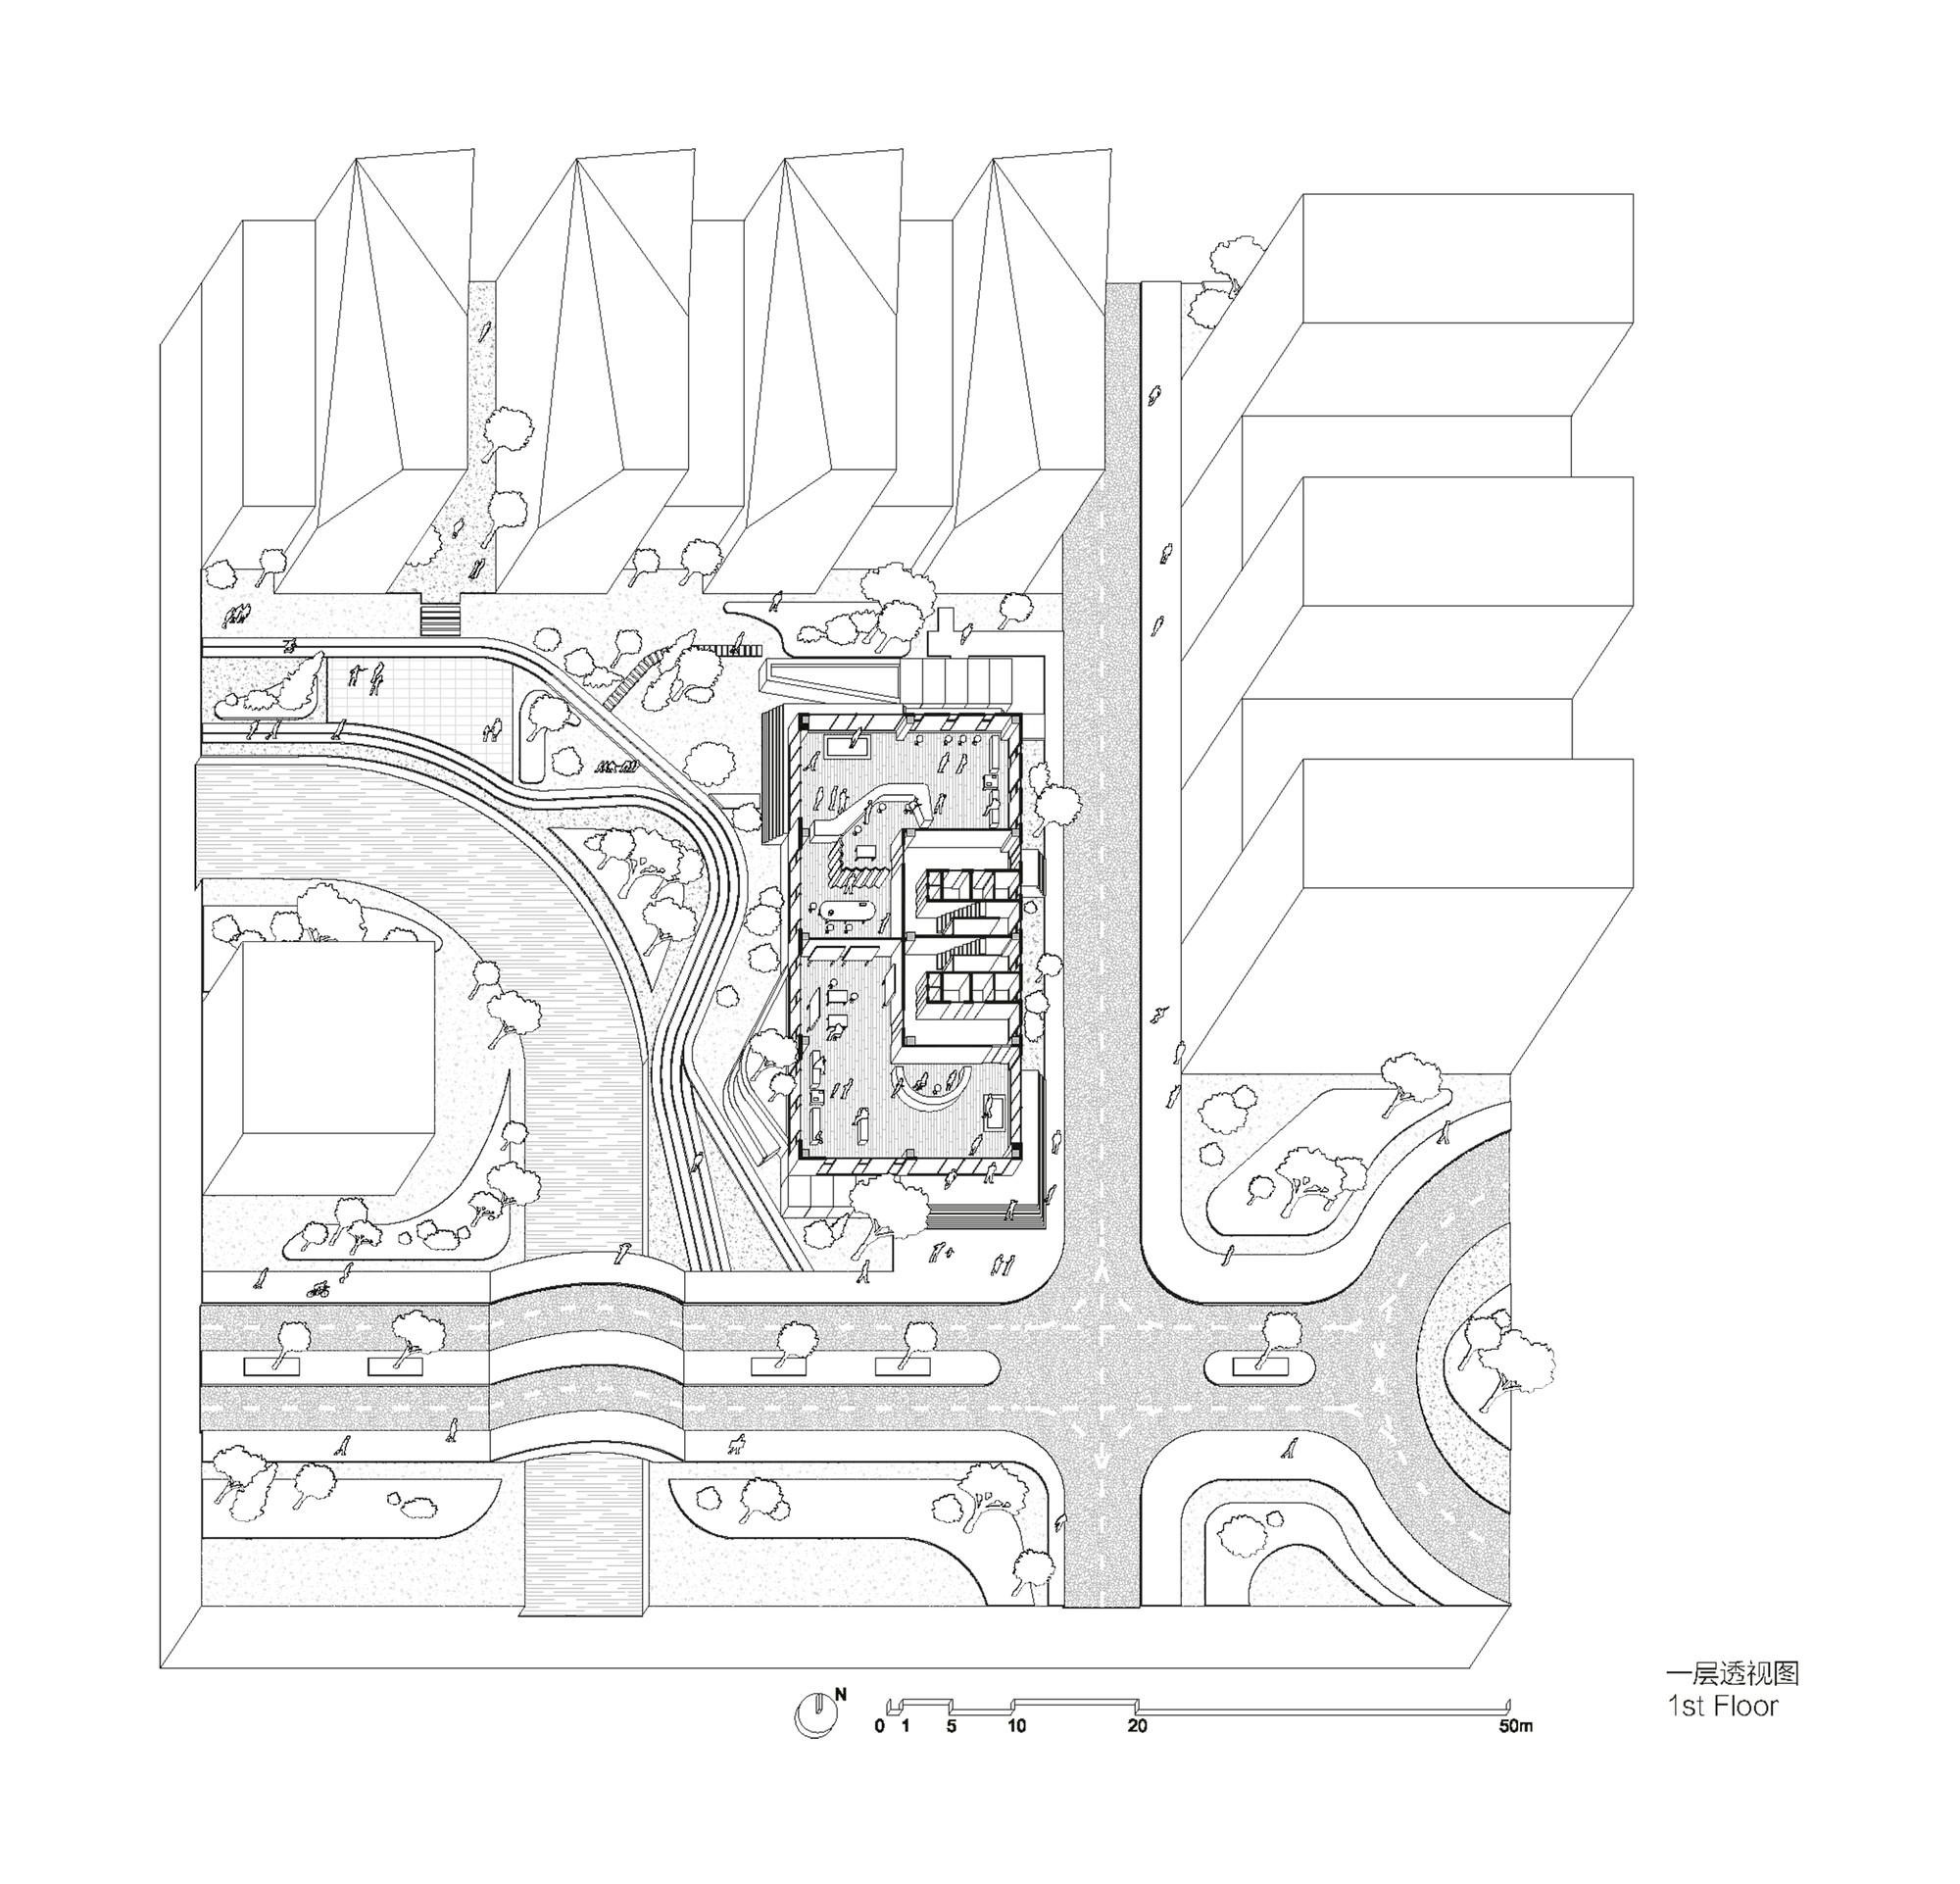 Galeria De Campus De Arte Songjiang Archi Union Architects 21